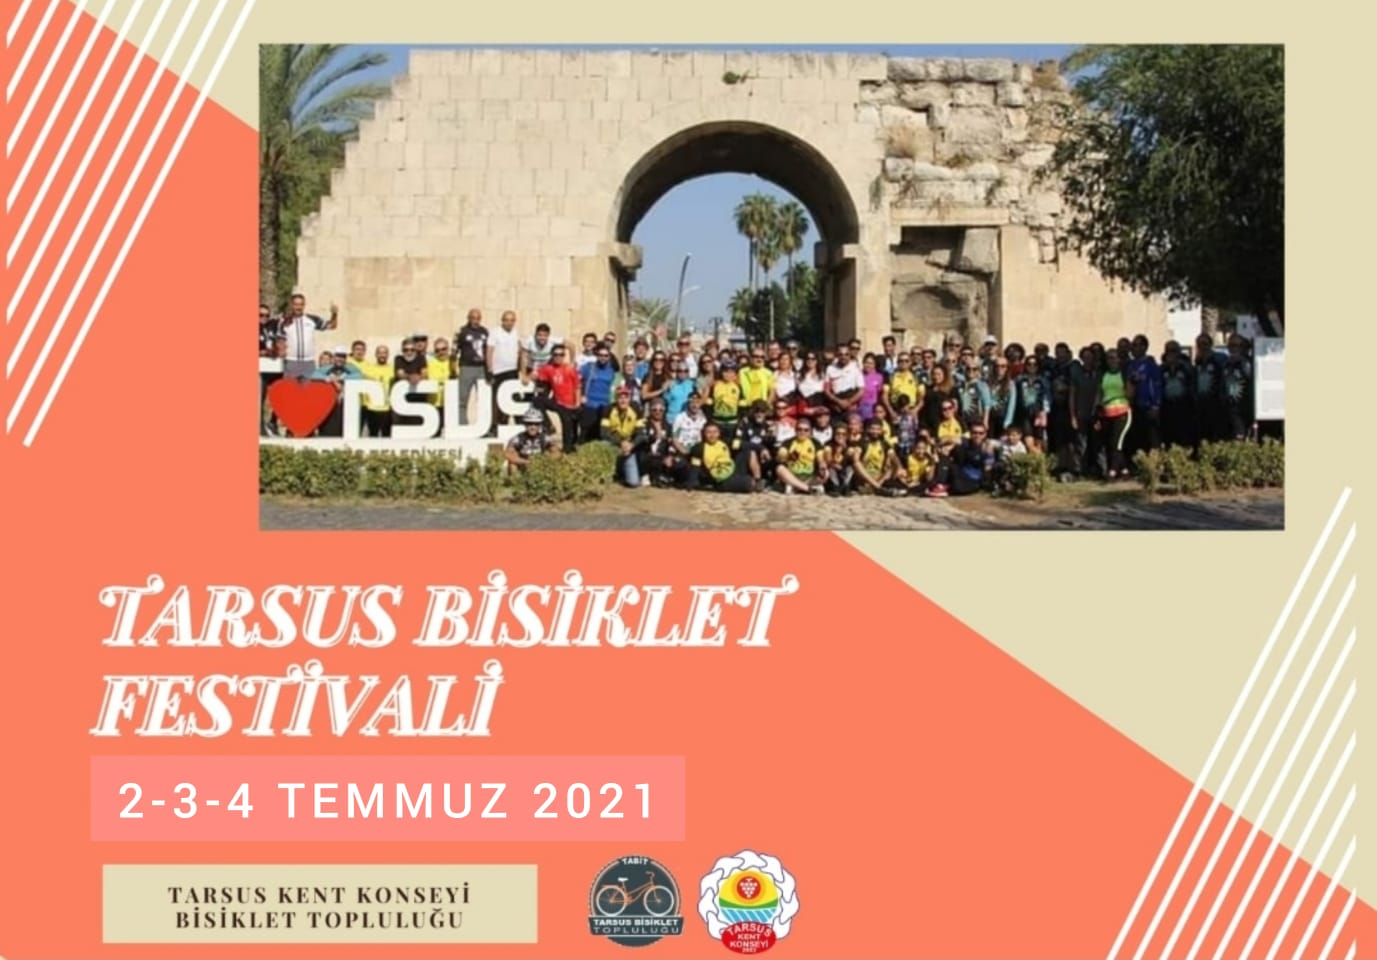 tarsus-bisiklet-festivali-1697